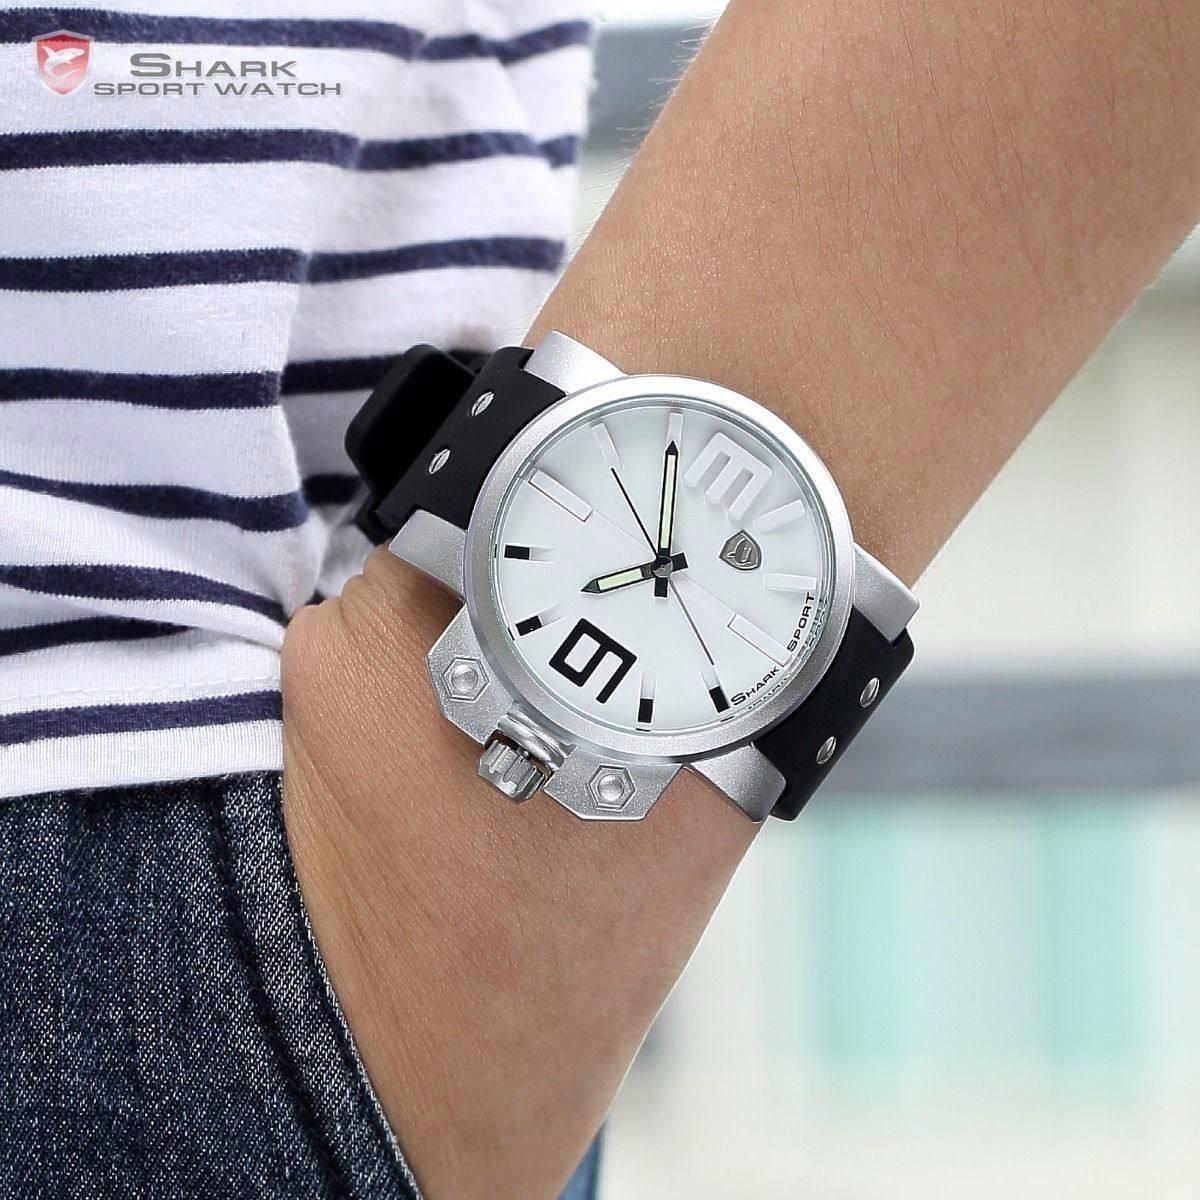 1d90f9bc679 relógio shark original n brasil branco preto sh169 oversized. Carregando  zoom.